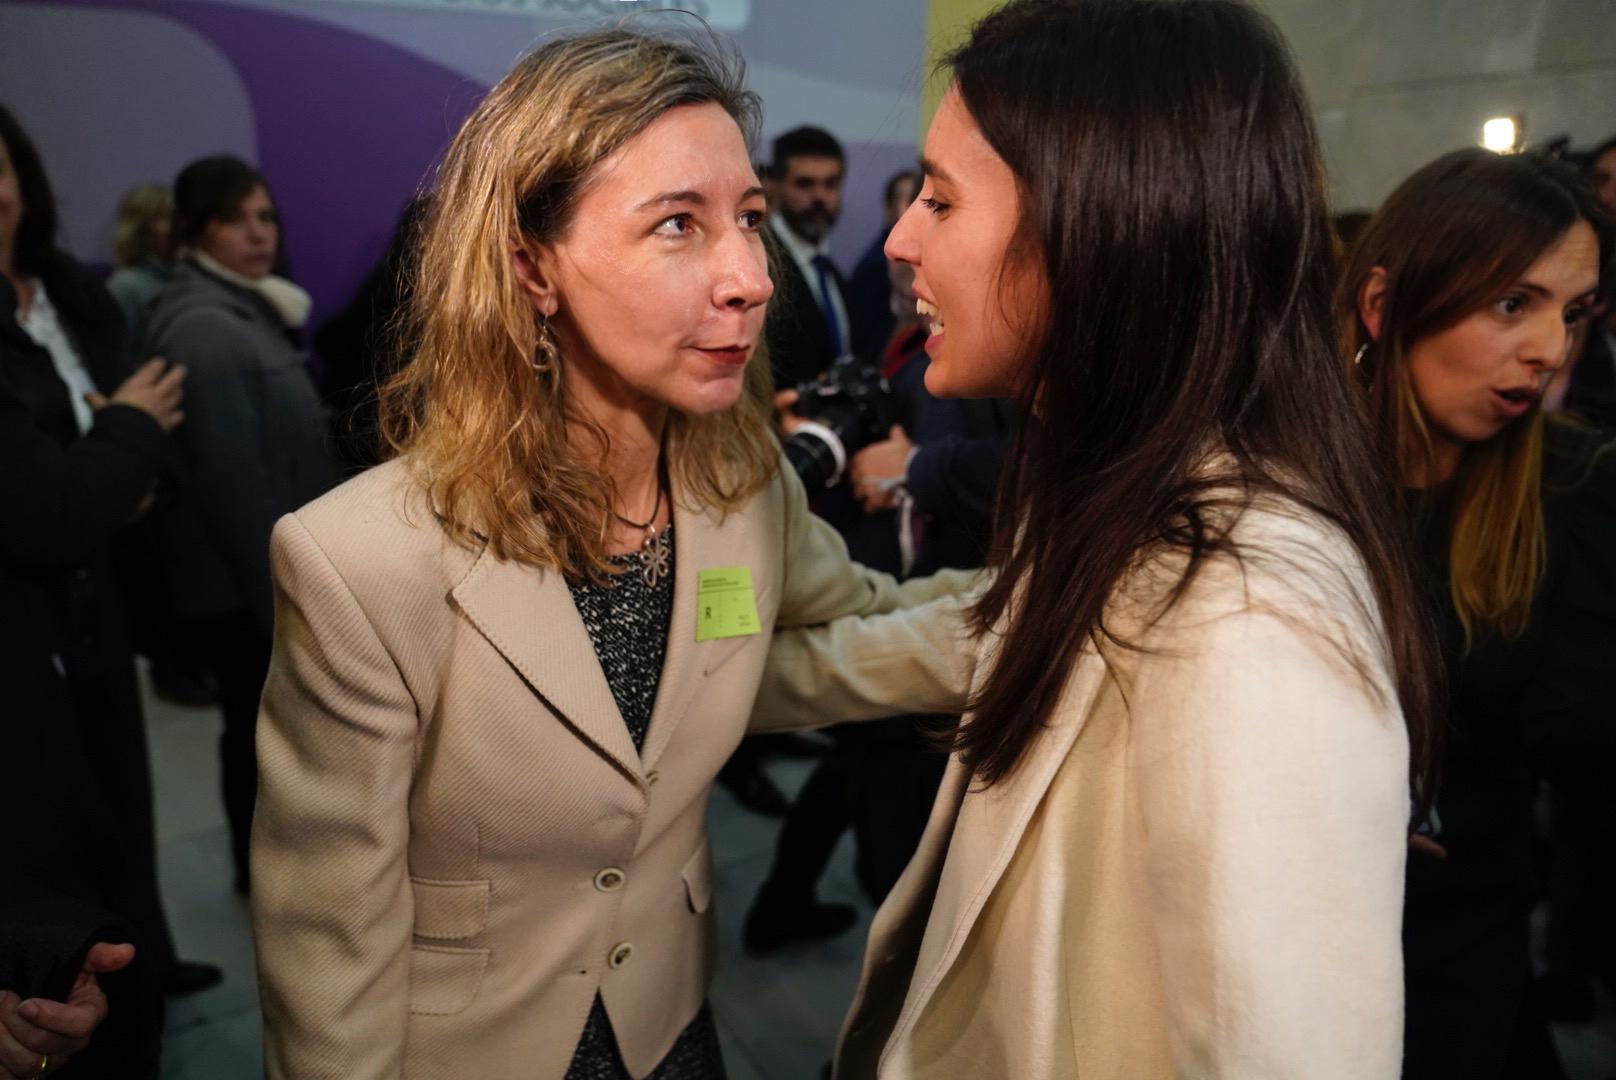 Patricia Sanz saluda a la nueva ministra de Igualad, Irene Montero, en acto de toma de posesión el pasado 13 de enero en el ministerio